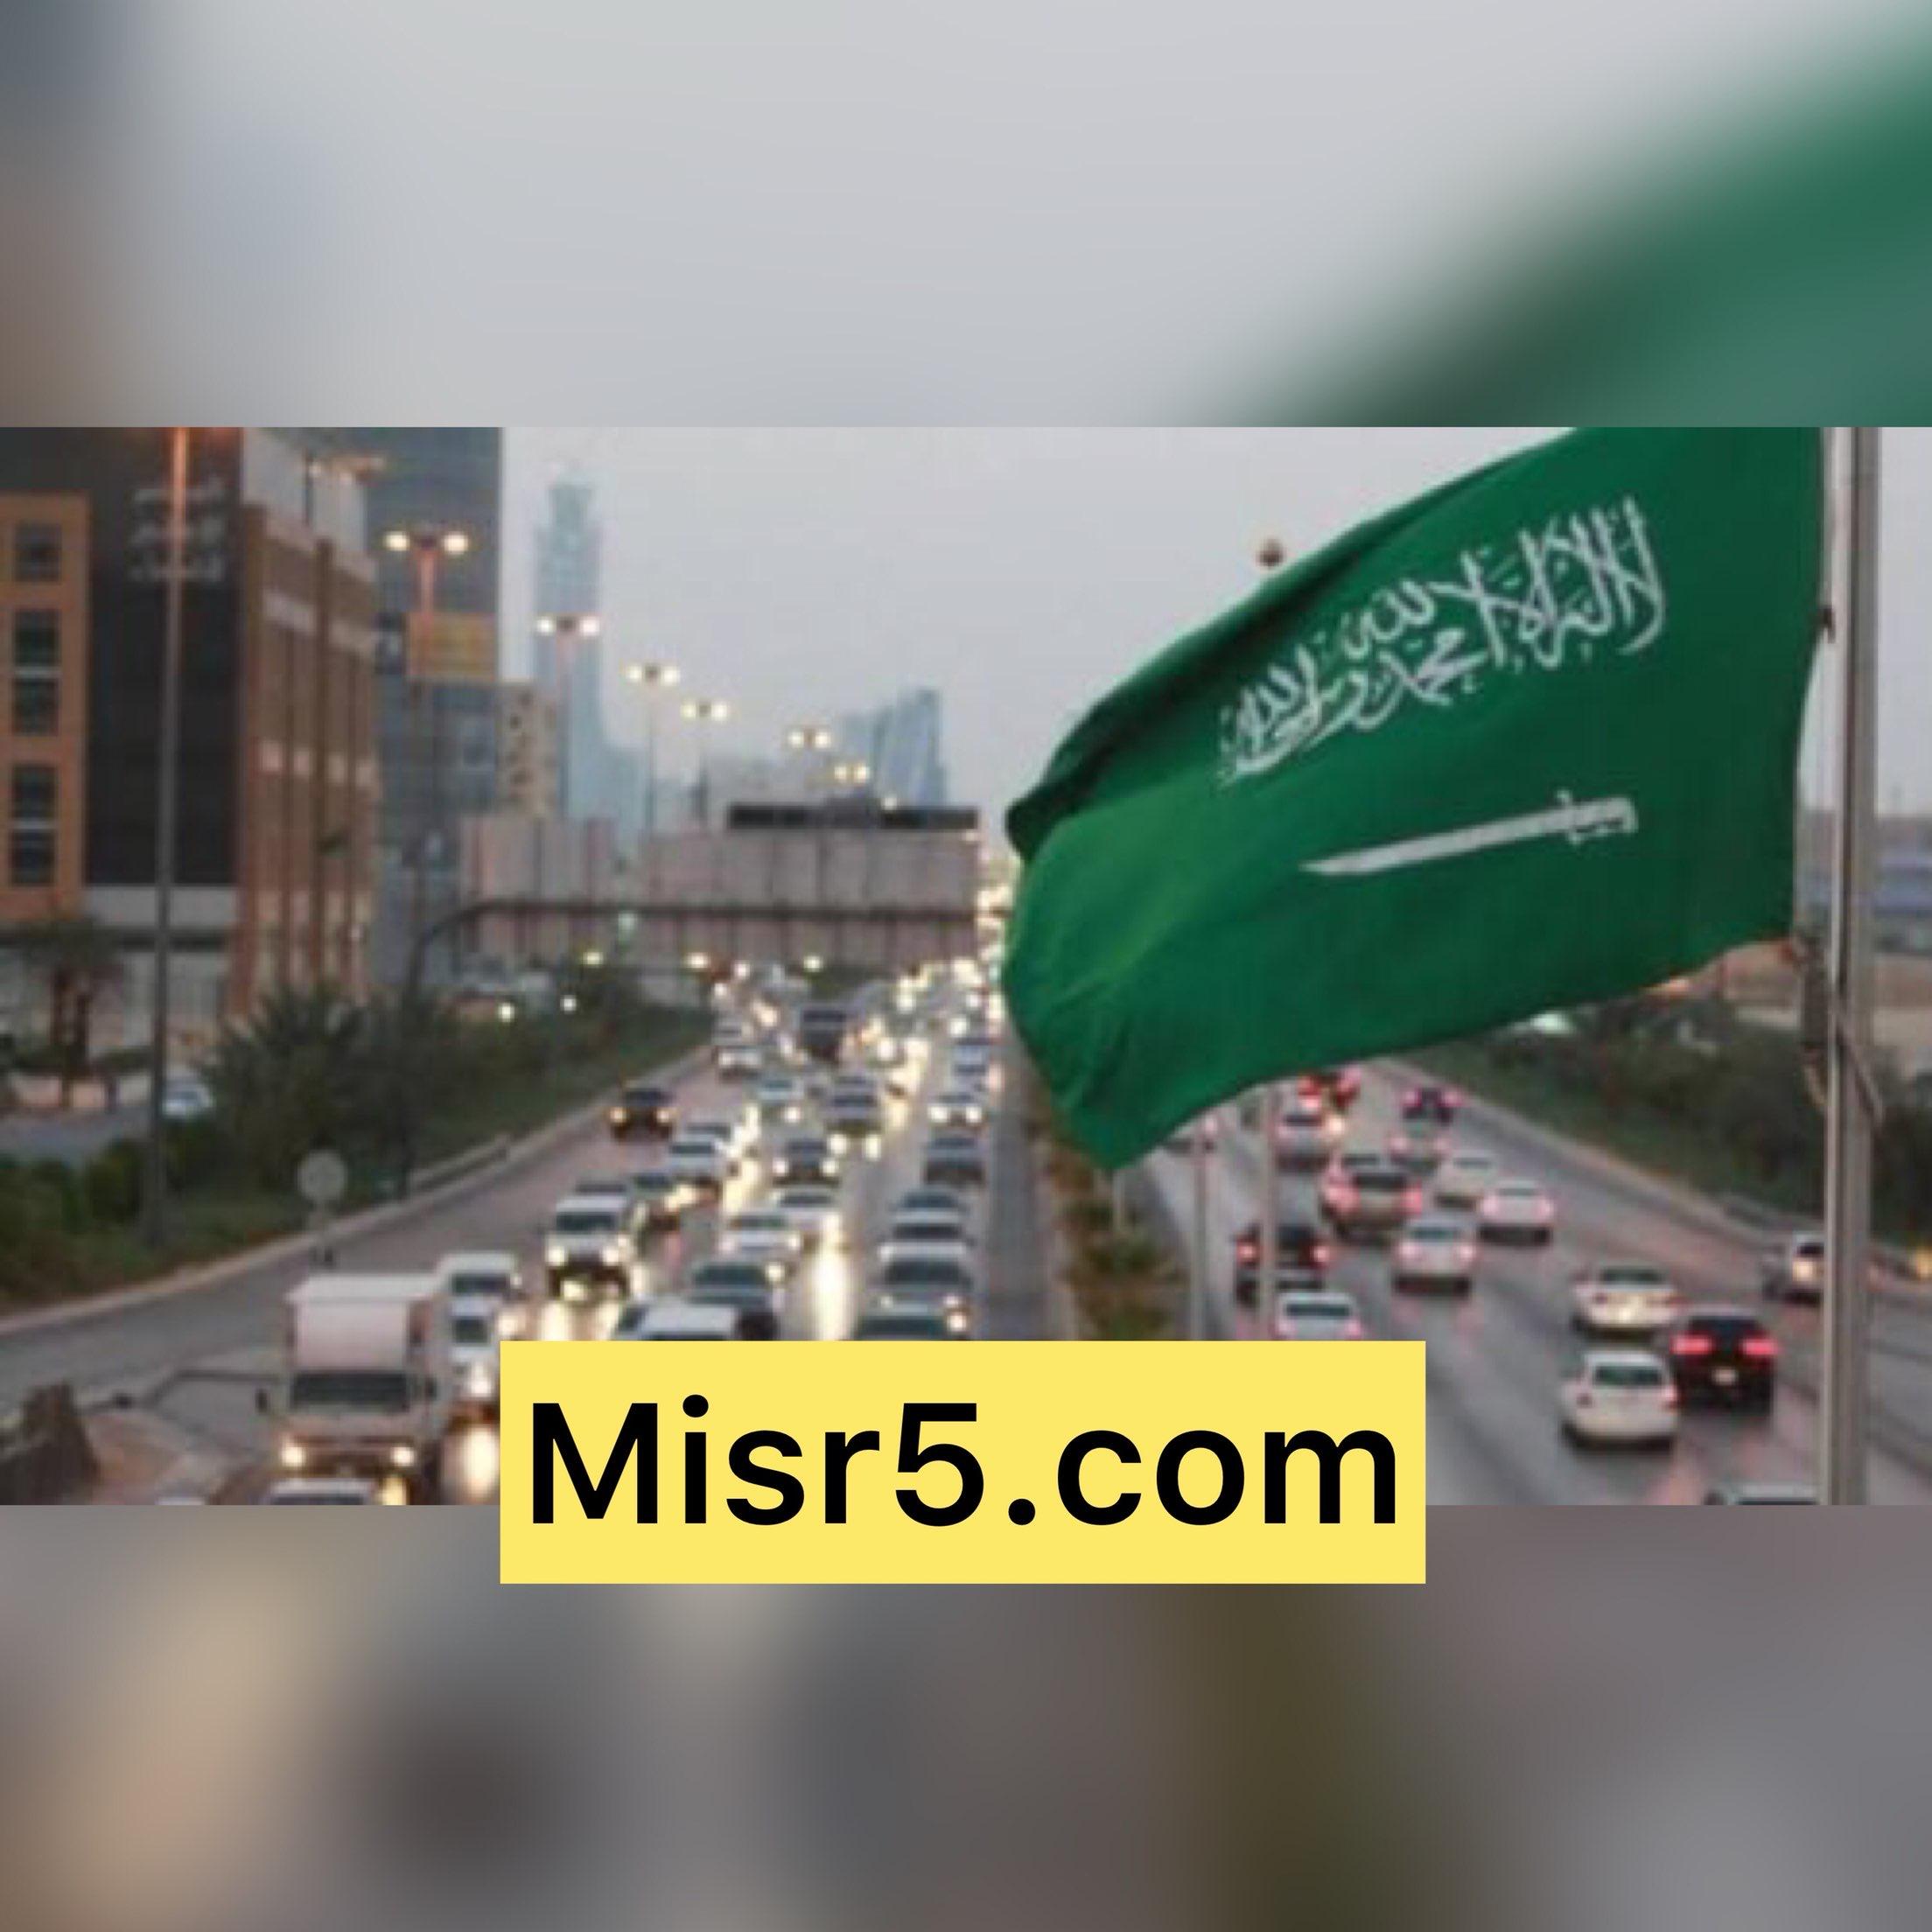 إلغاء نظام الكفيل 2021 قيد التنفيذ غداً الأحد في المملكة العربية السعودية